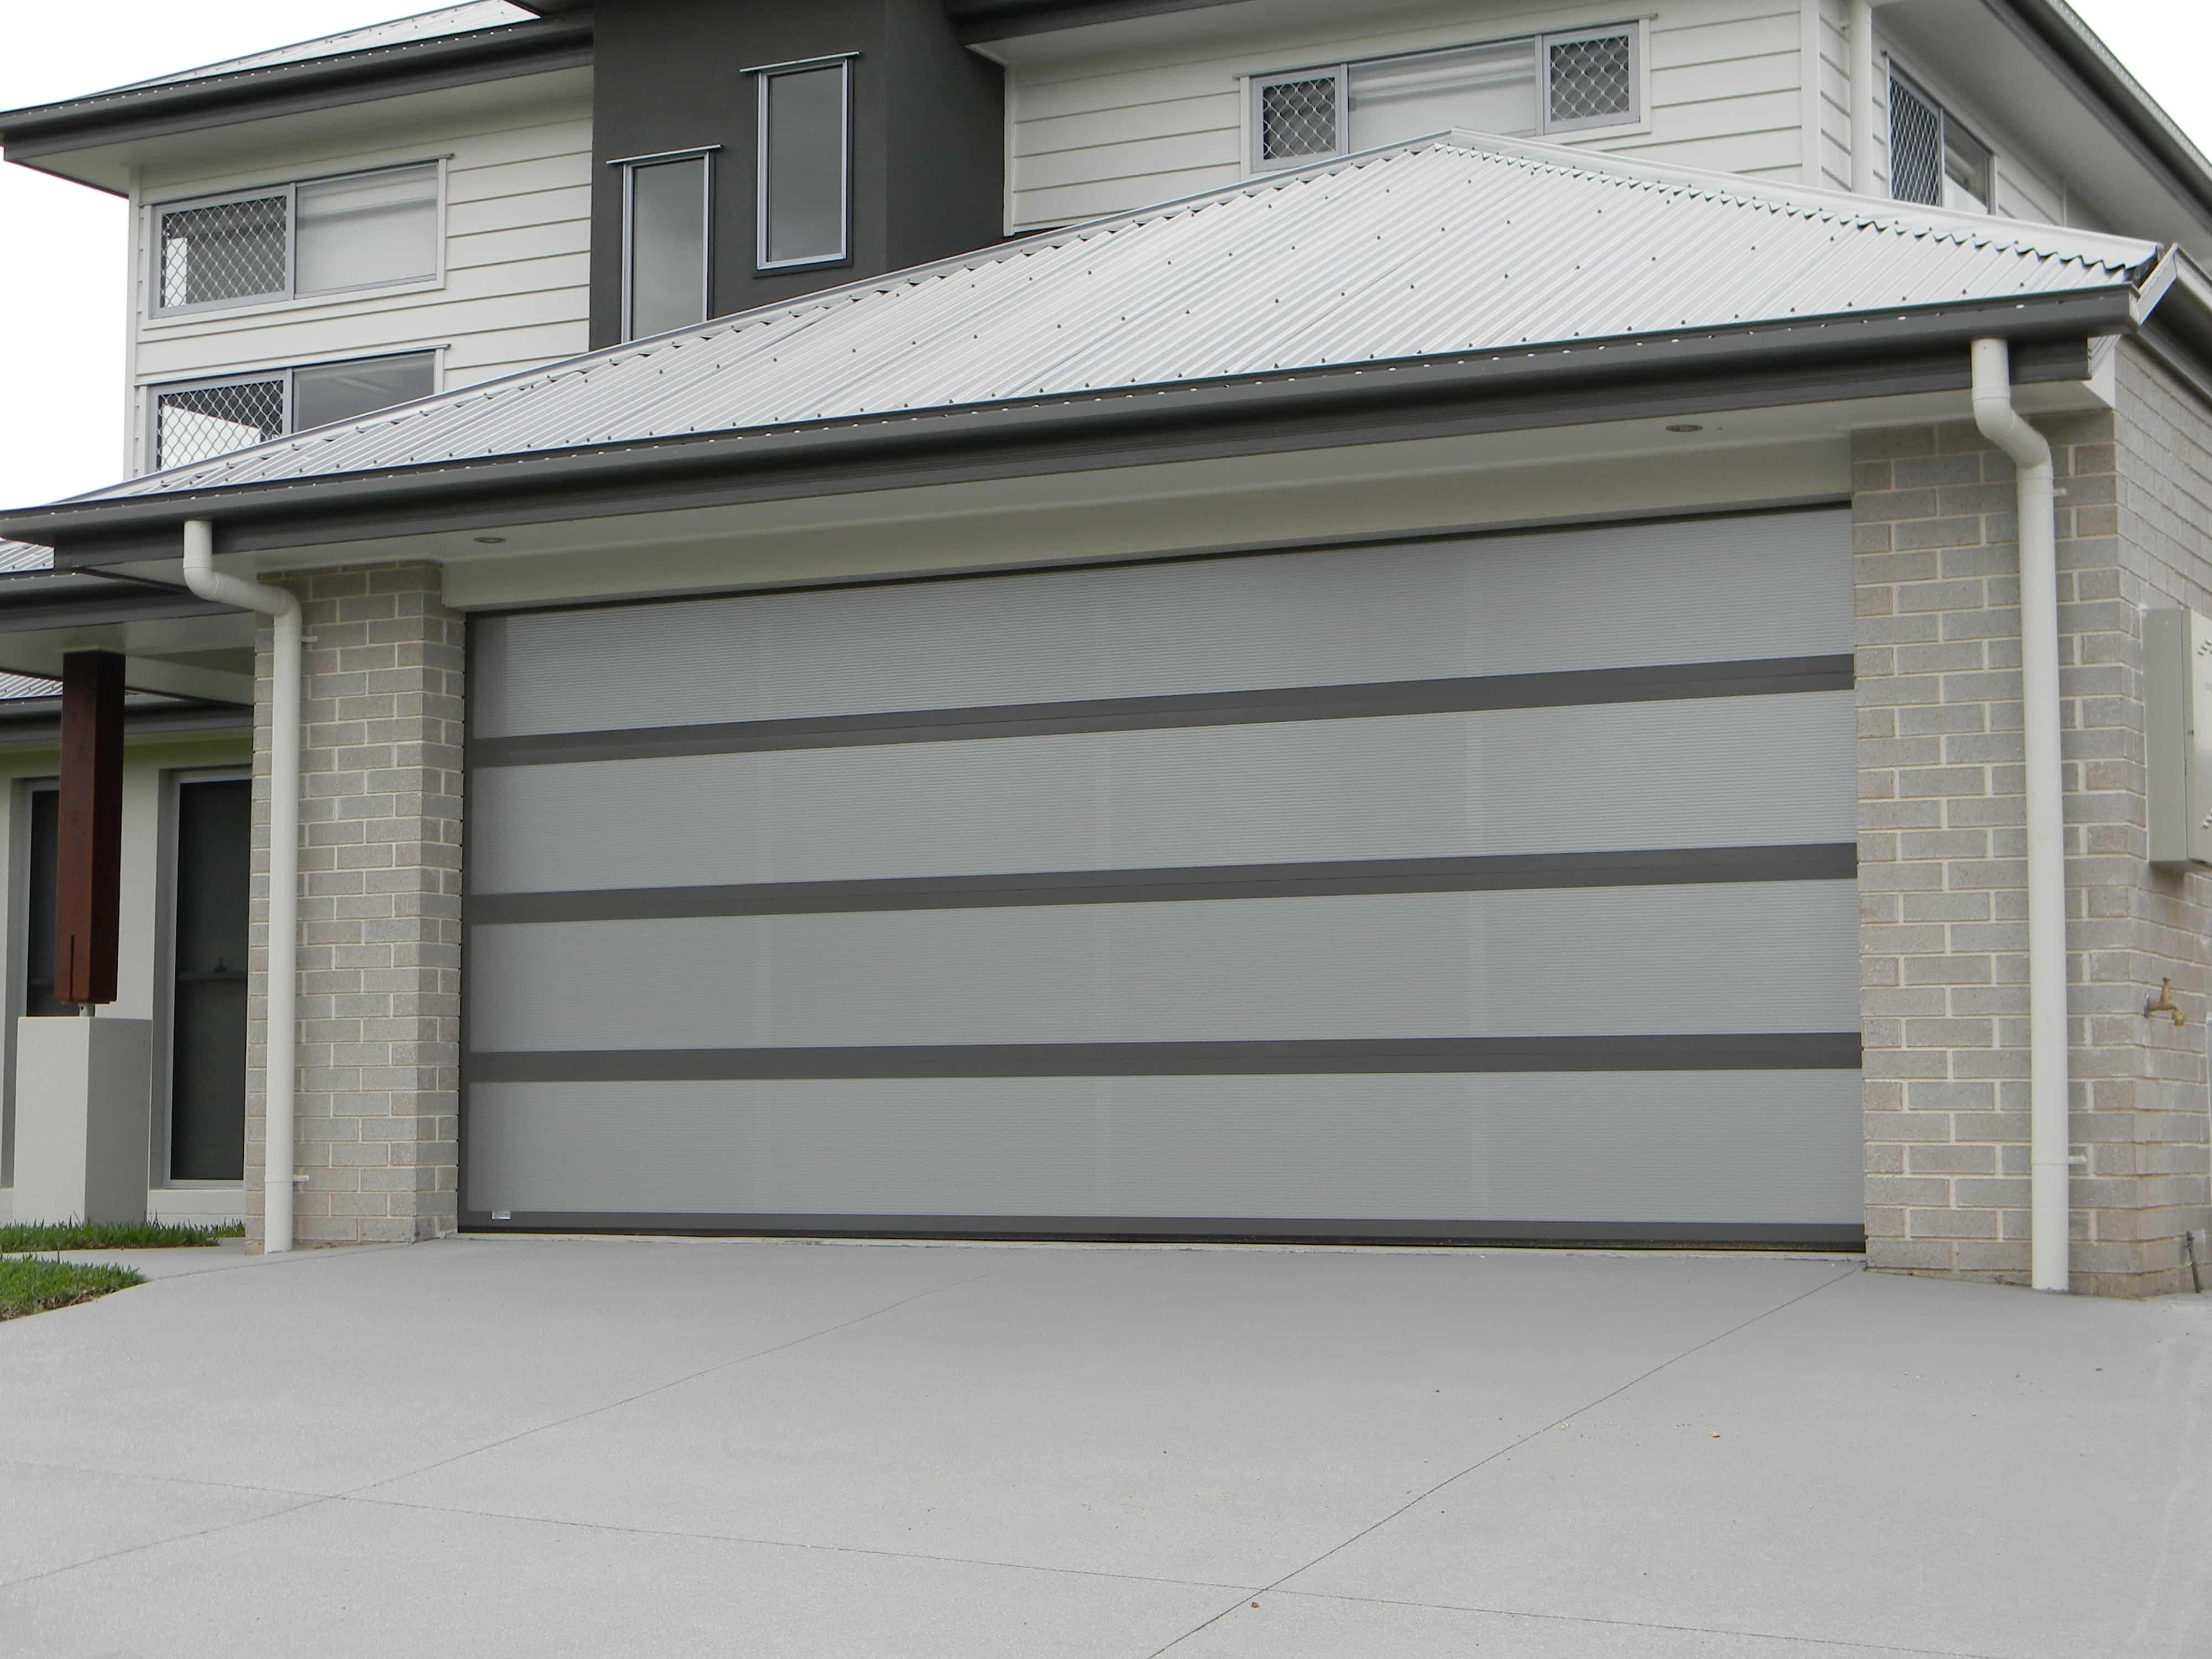 Selections Twin Wall Sectional Overhead Garage Door Best